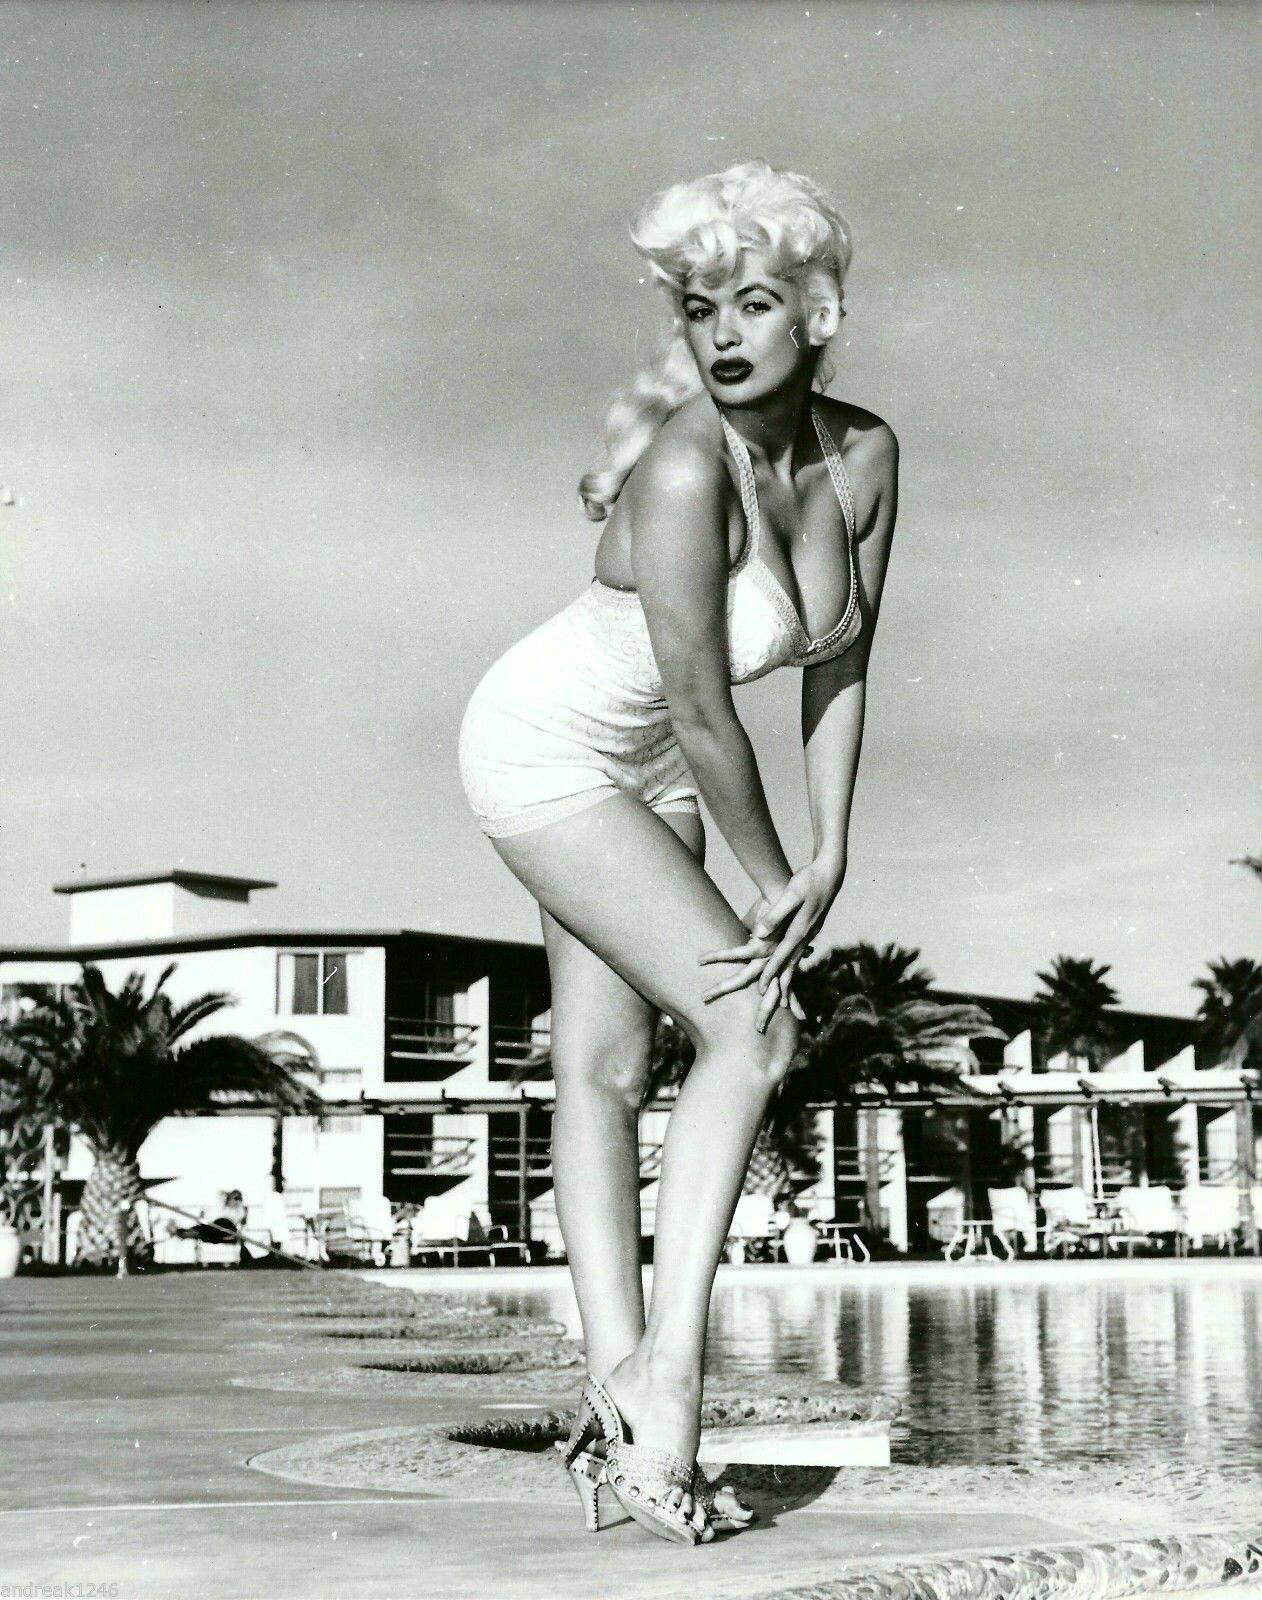 jayne_swimsuit_white-1958-02-las_vegas-tropicana_casino-1-2